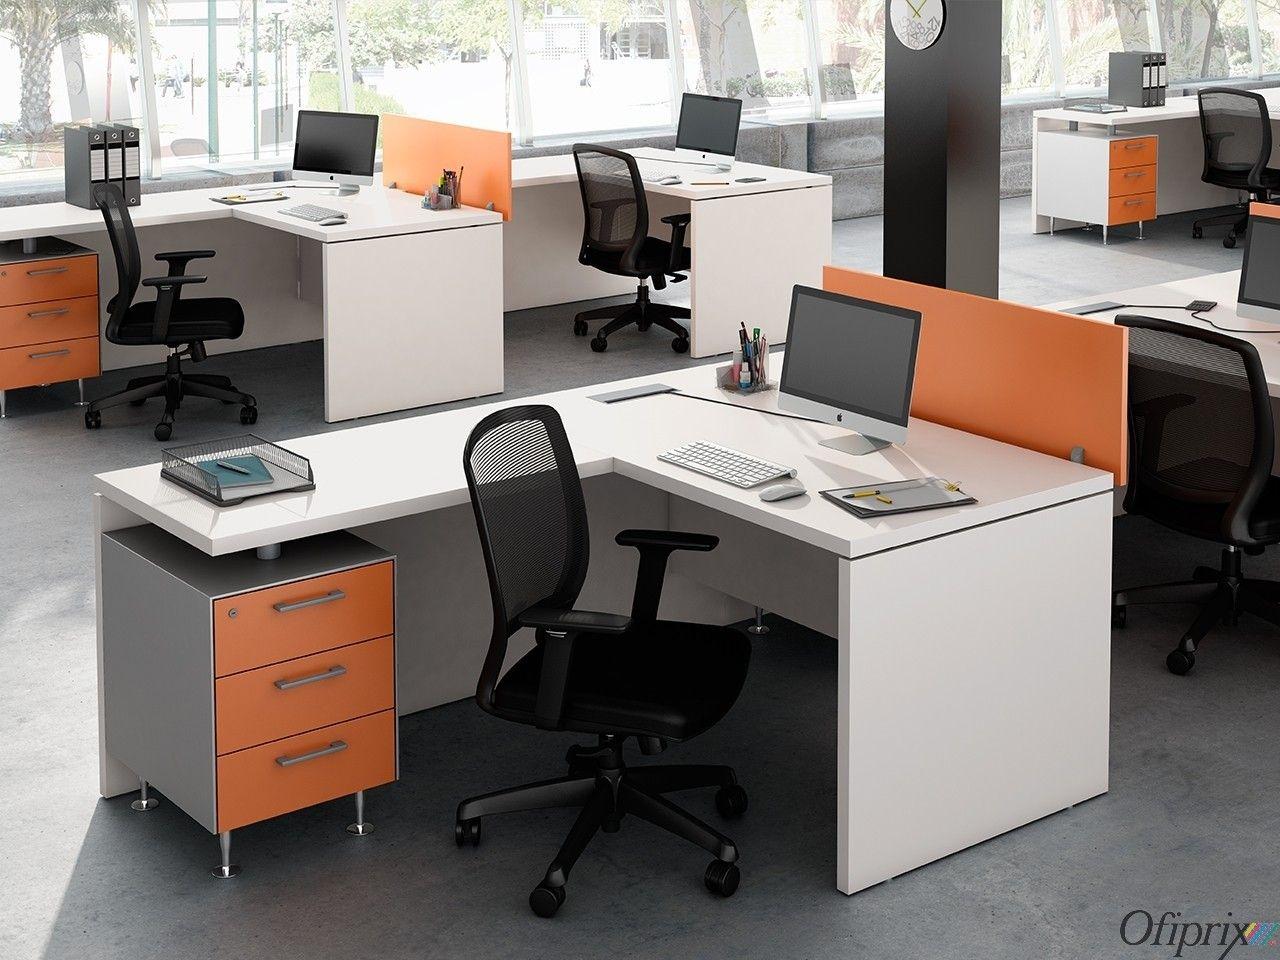 Mesa de oficina system orangeoffice oficinasnaranjas for Oficina de orange